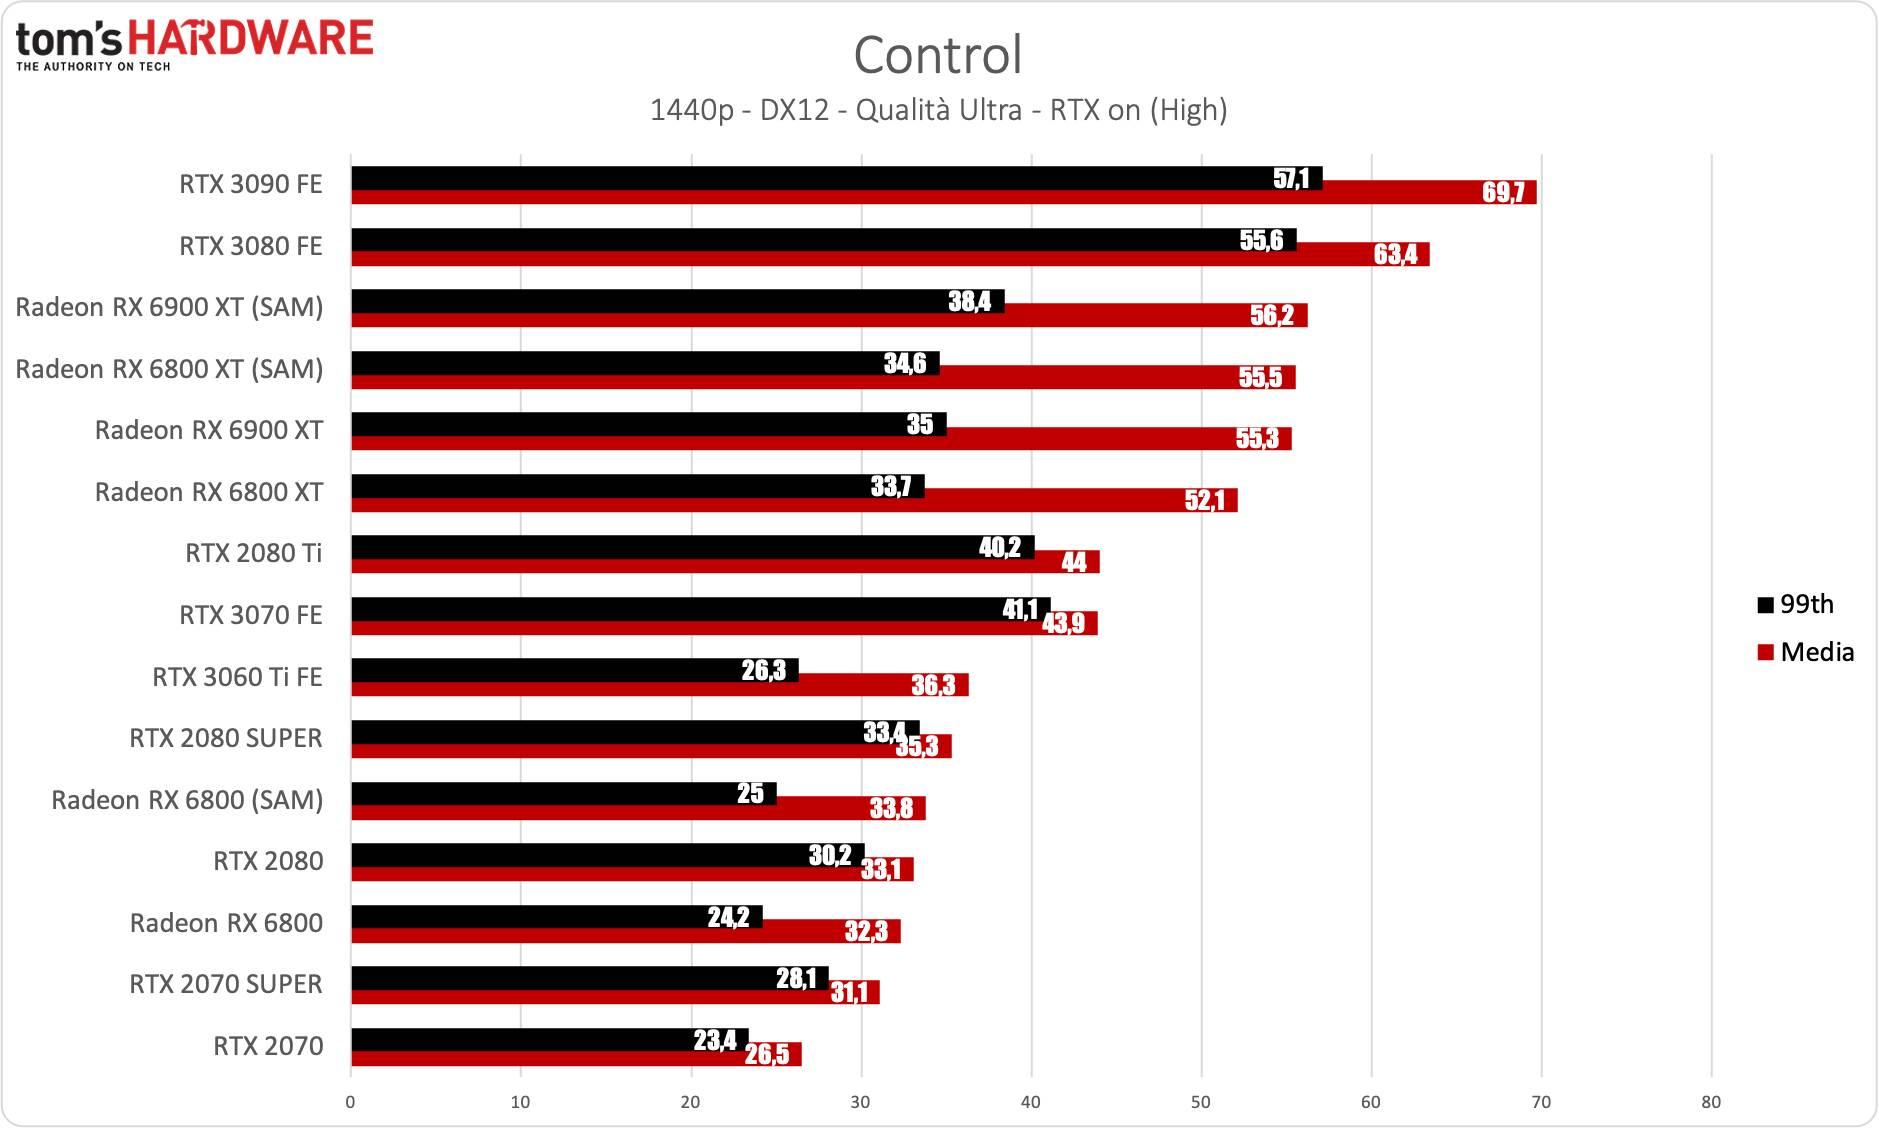 Benchmark Radeon RX 6900 XT - QHD RTX - Control